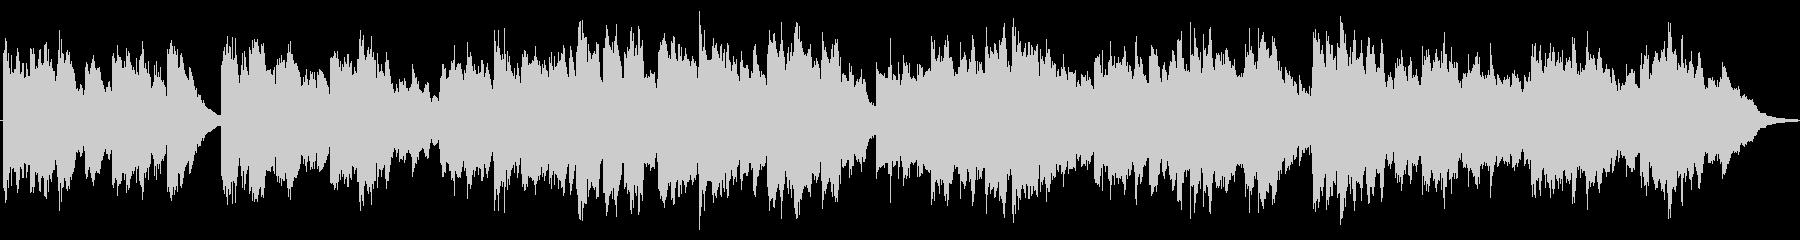 ソル作曲のEstudio作品31の4ですの未再生の波形